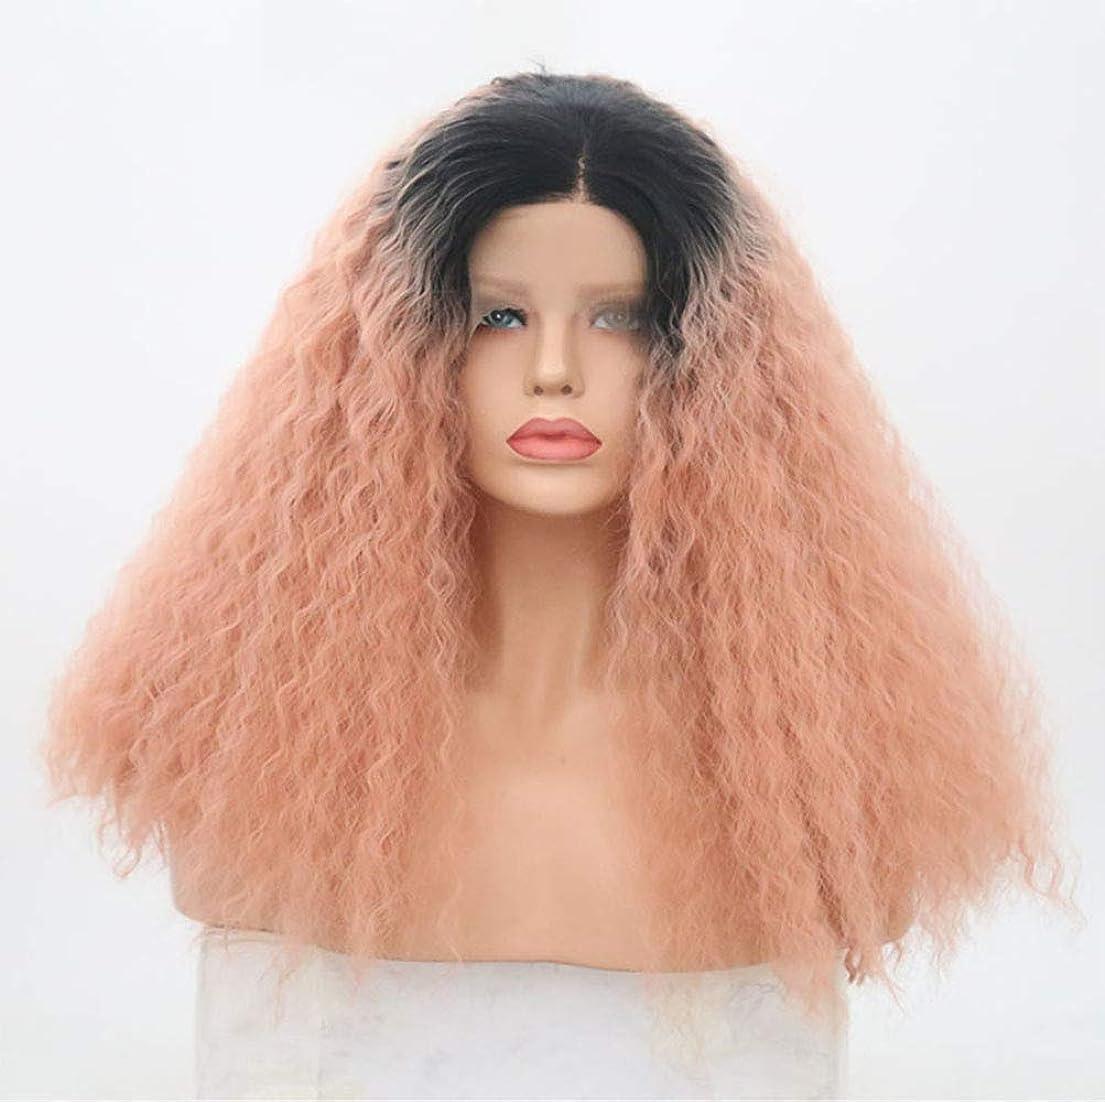 教会ペパーミントミス女性合成レースフロントウィッグ天然毛髪180%密度長い巻き毛